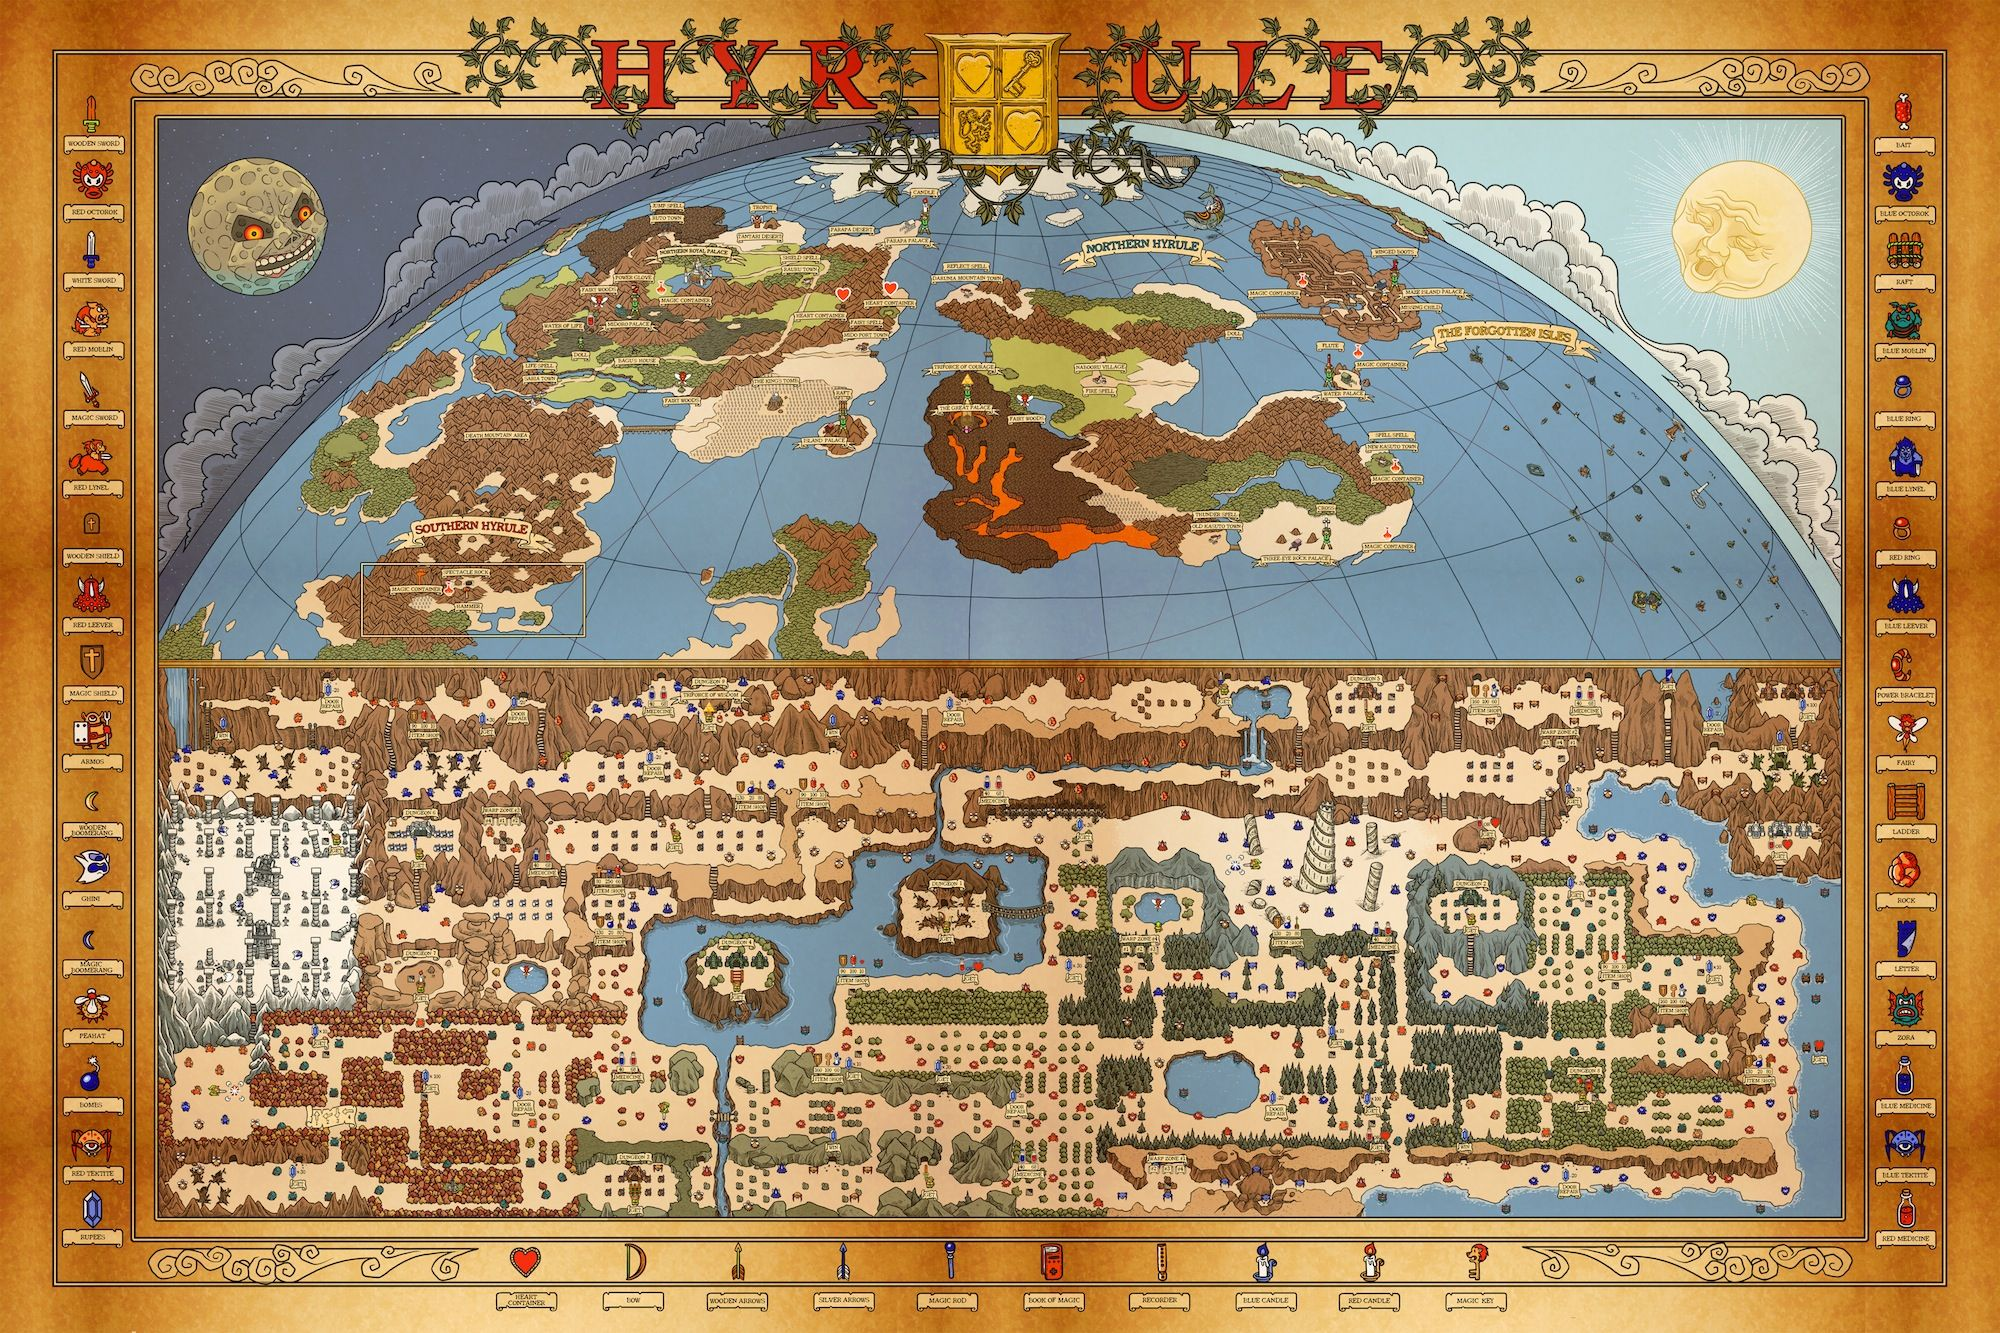 Awesome Hyrule Vintage World Map Zelda Tloz Retro Videogames